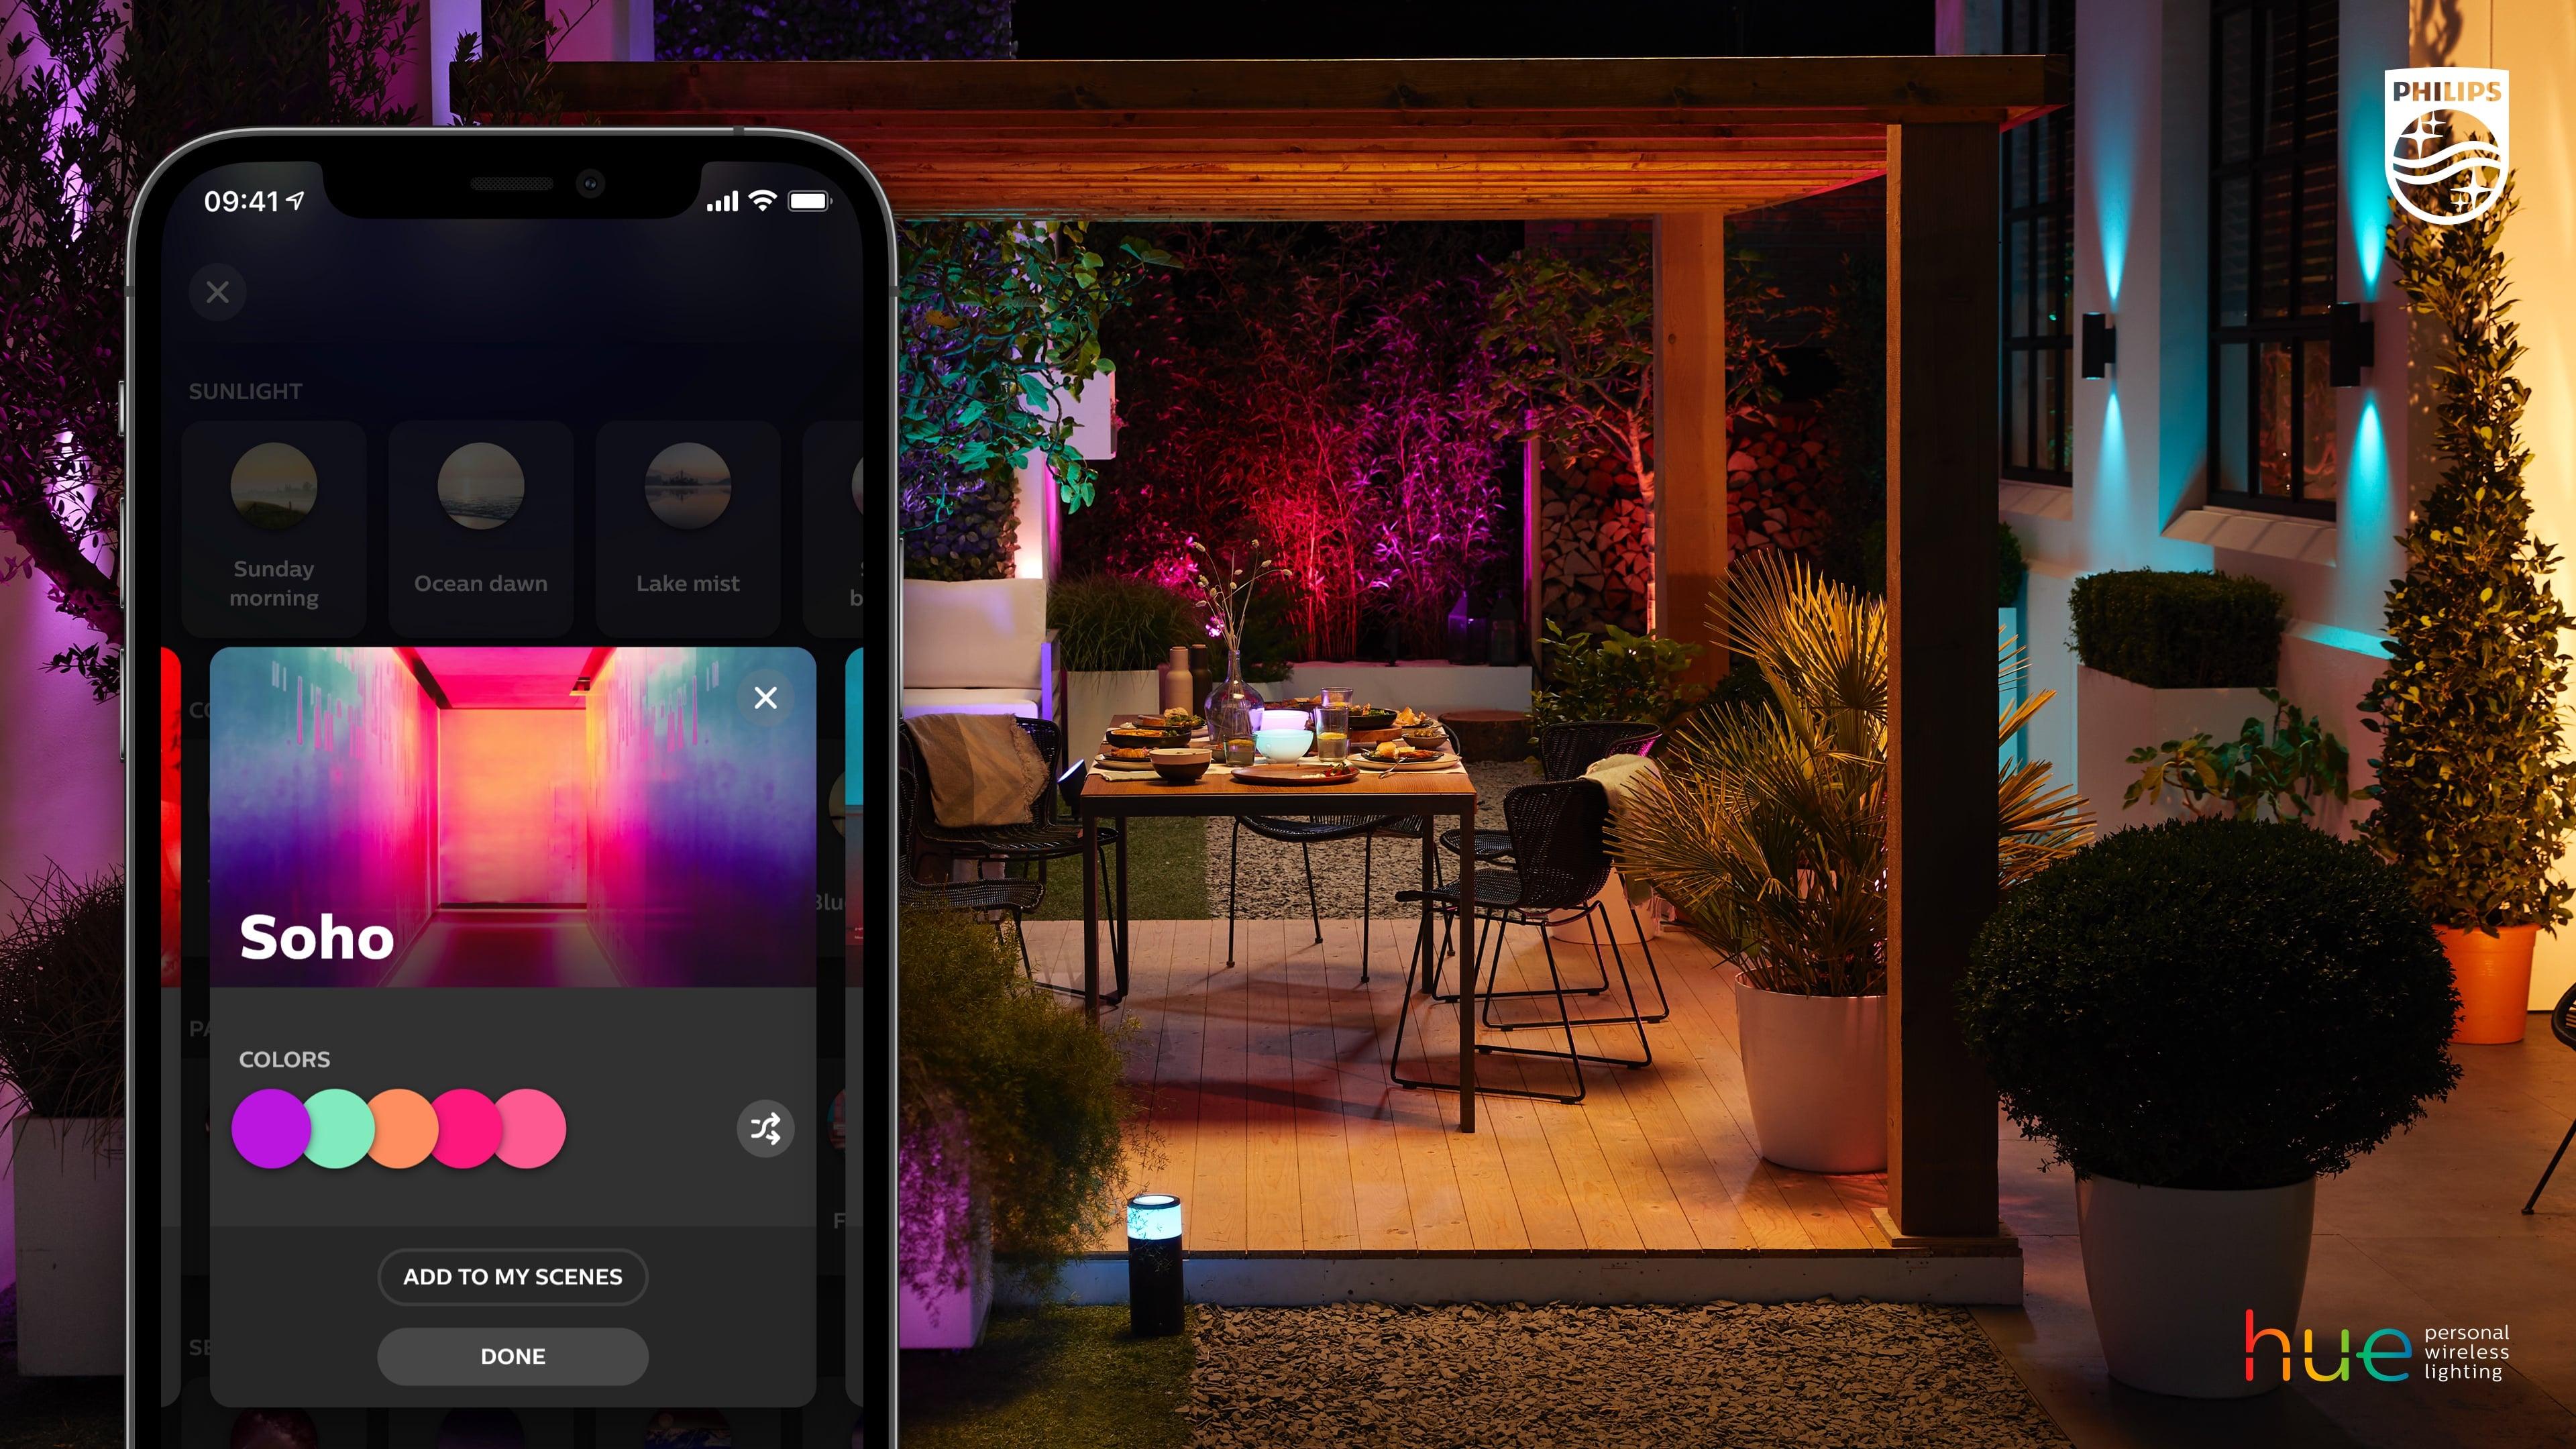 hue-app4_lifestyle_tile-view-min